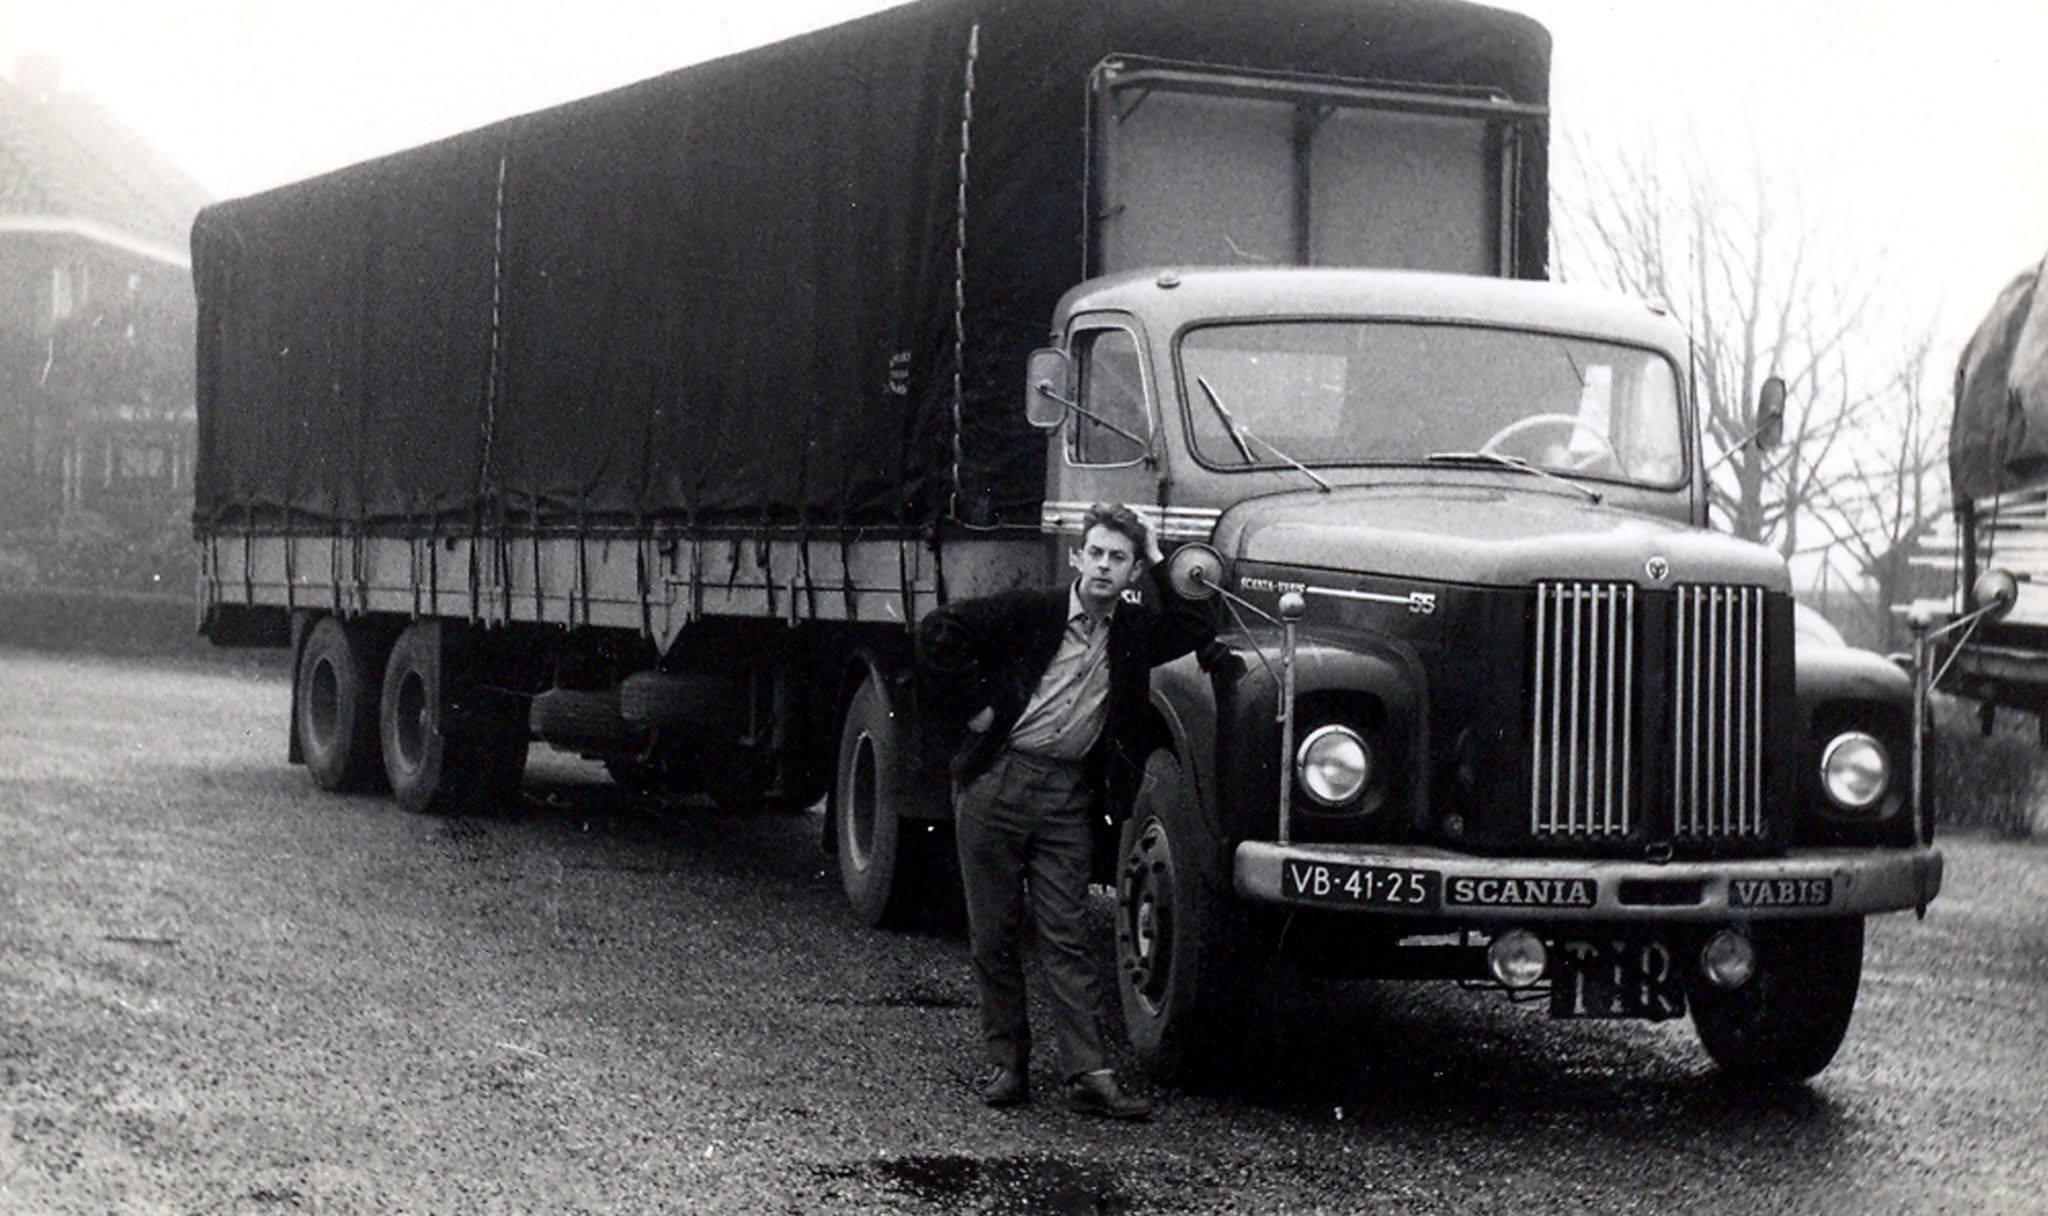 Scania-VB-41-25-Frans-van-Brenk-en-Herman-Perkwin-aan-het-schrapen-schuren-en-schilderen--(2)